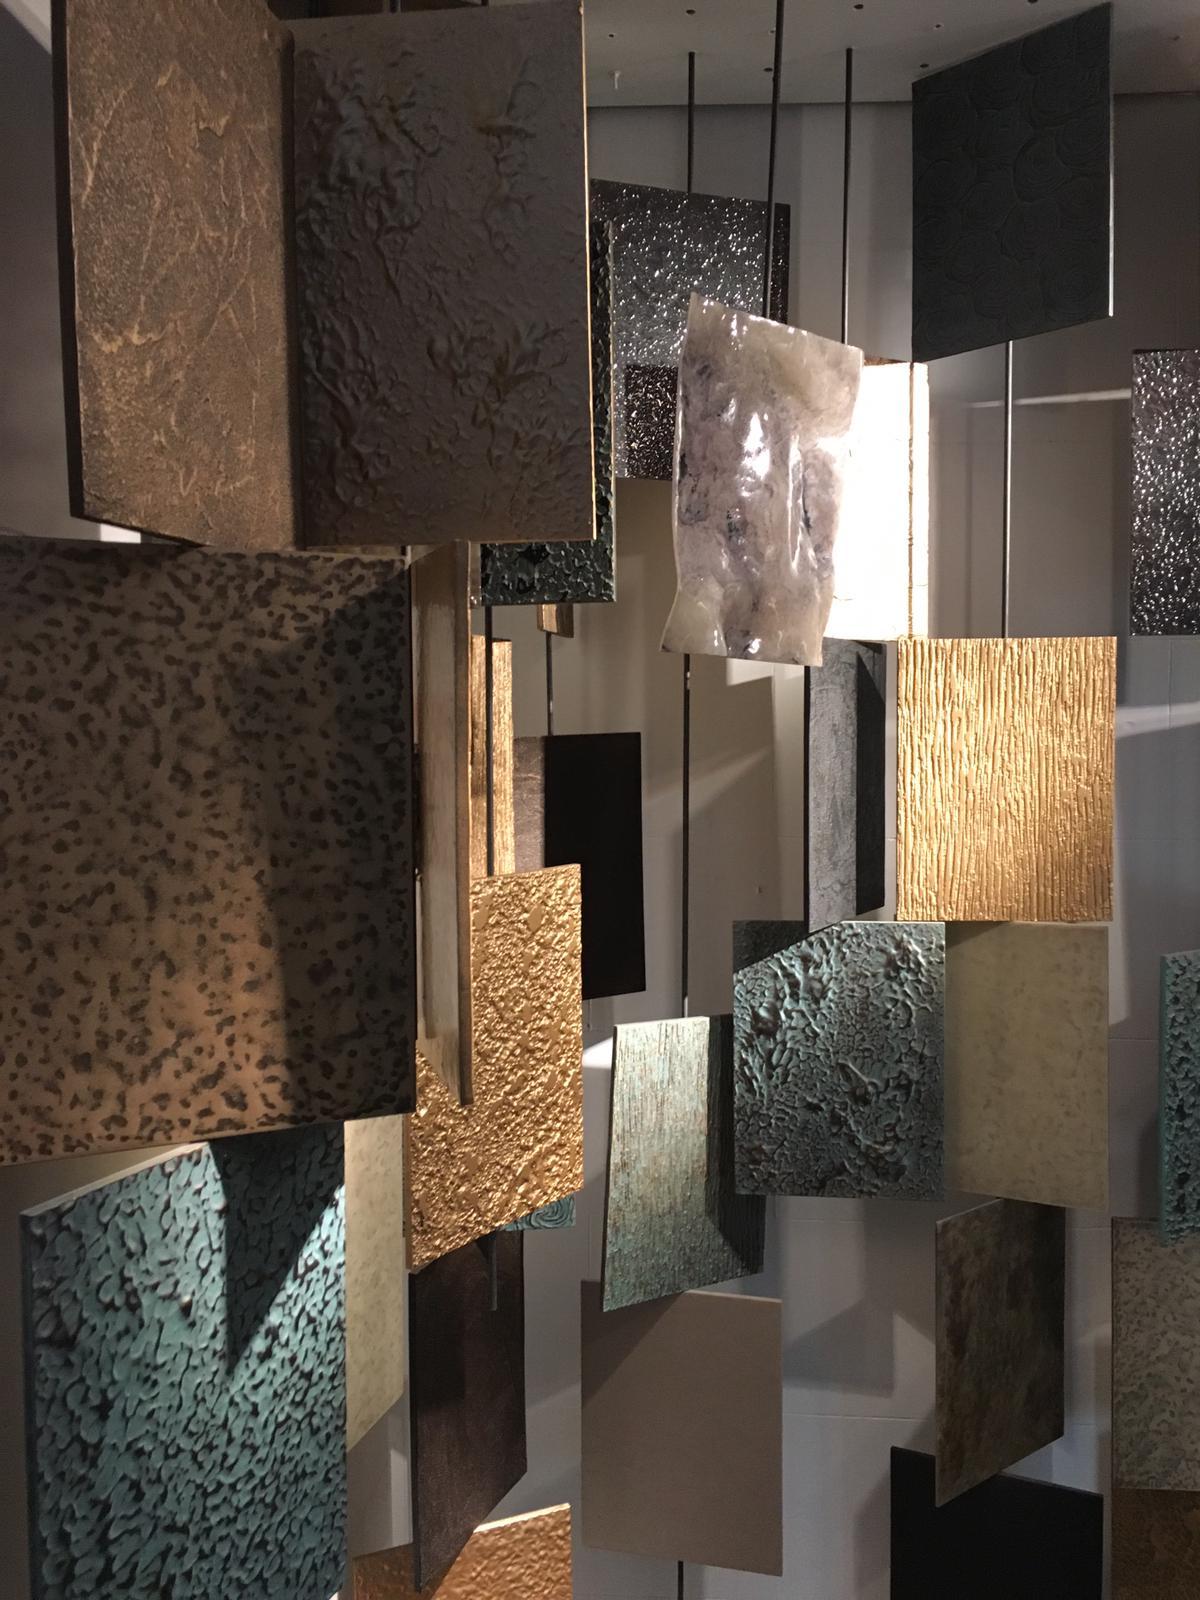 Interesantes texturas de fornica